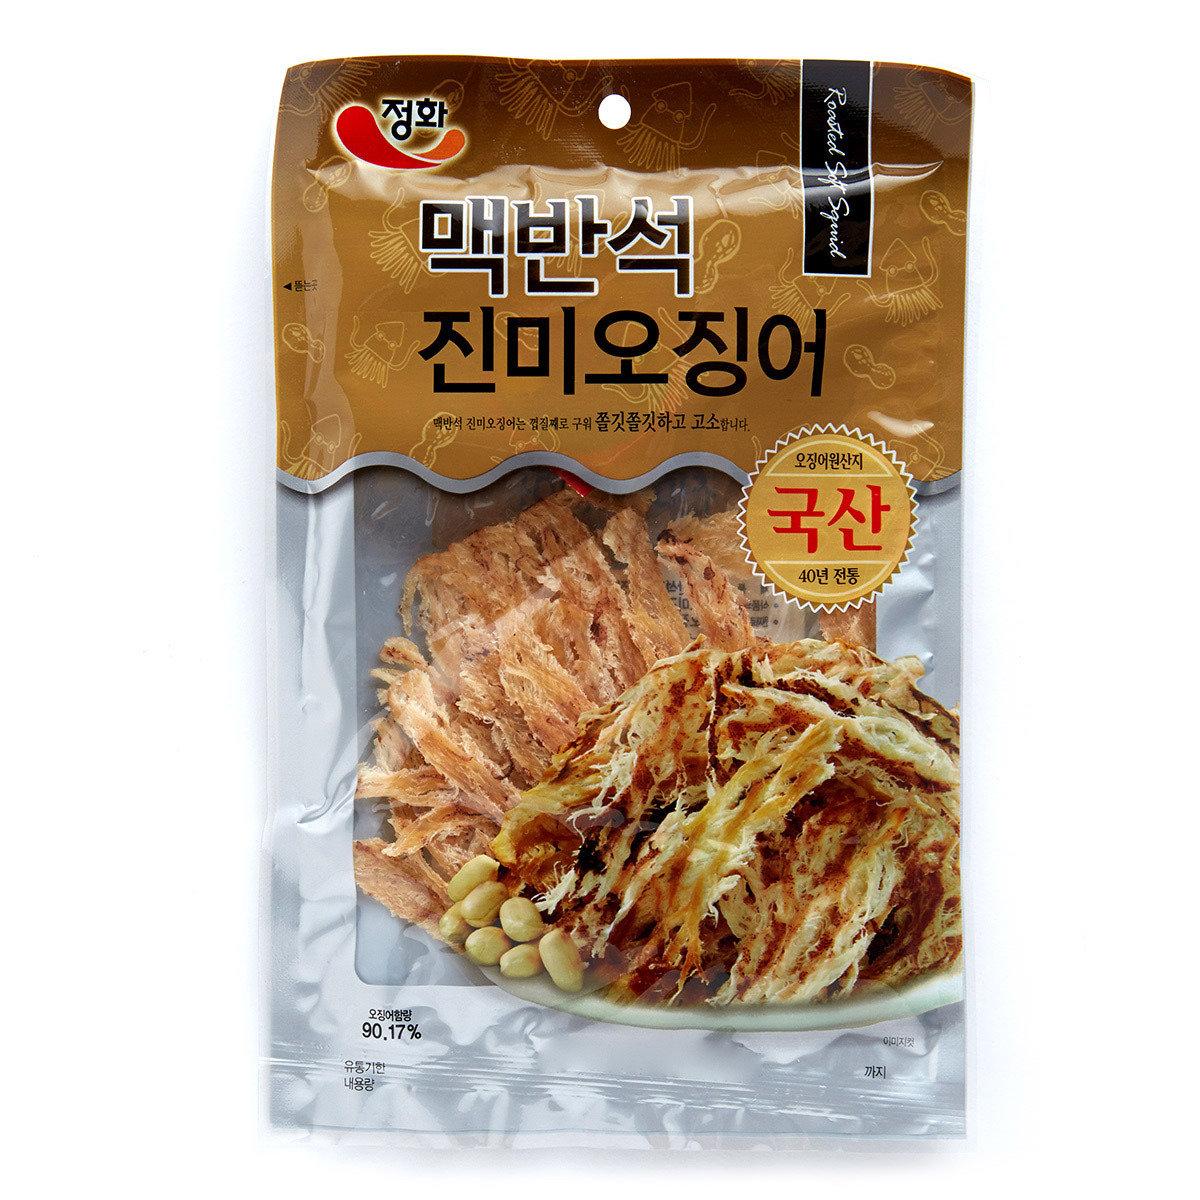 韓國烤魷魚絲 - 原味 (附辣椒醬)